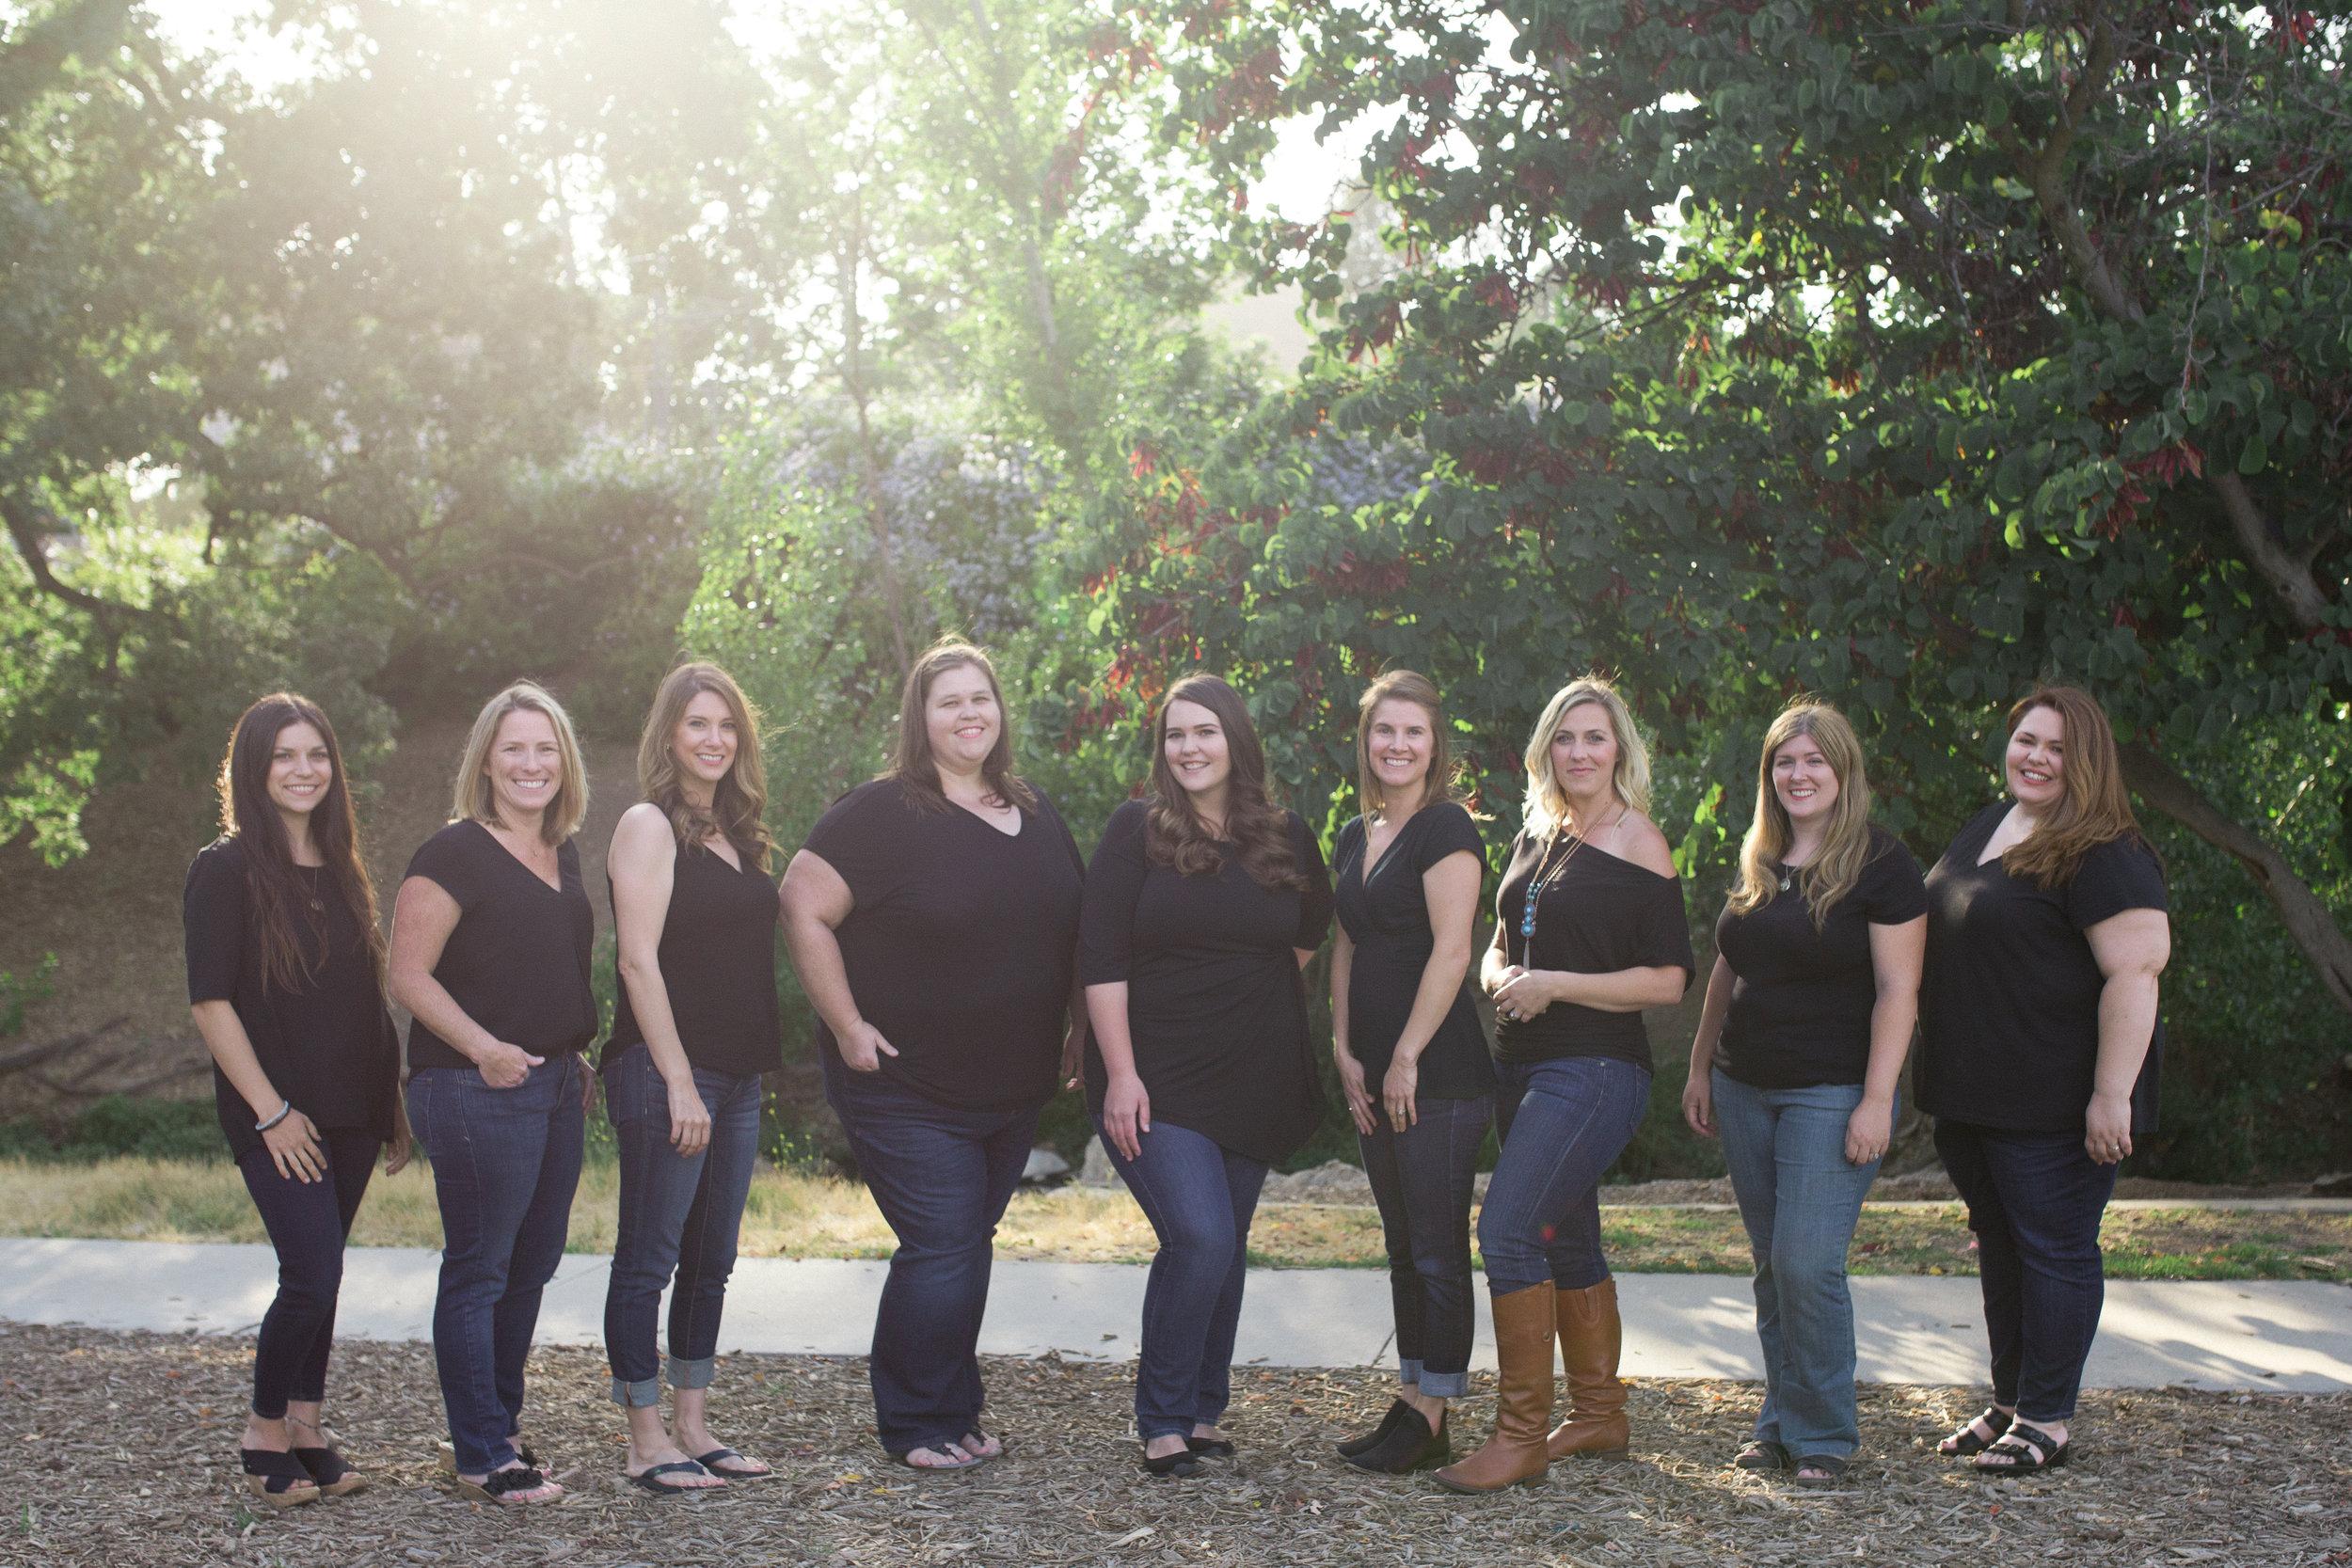 Birch Family Birth Services Ventura County